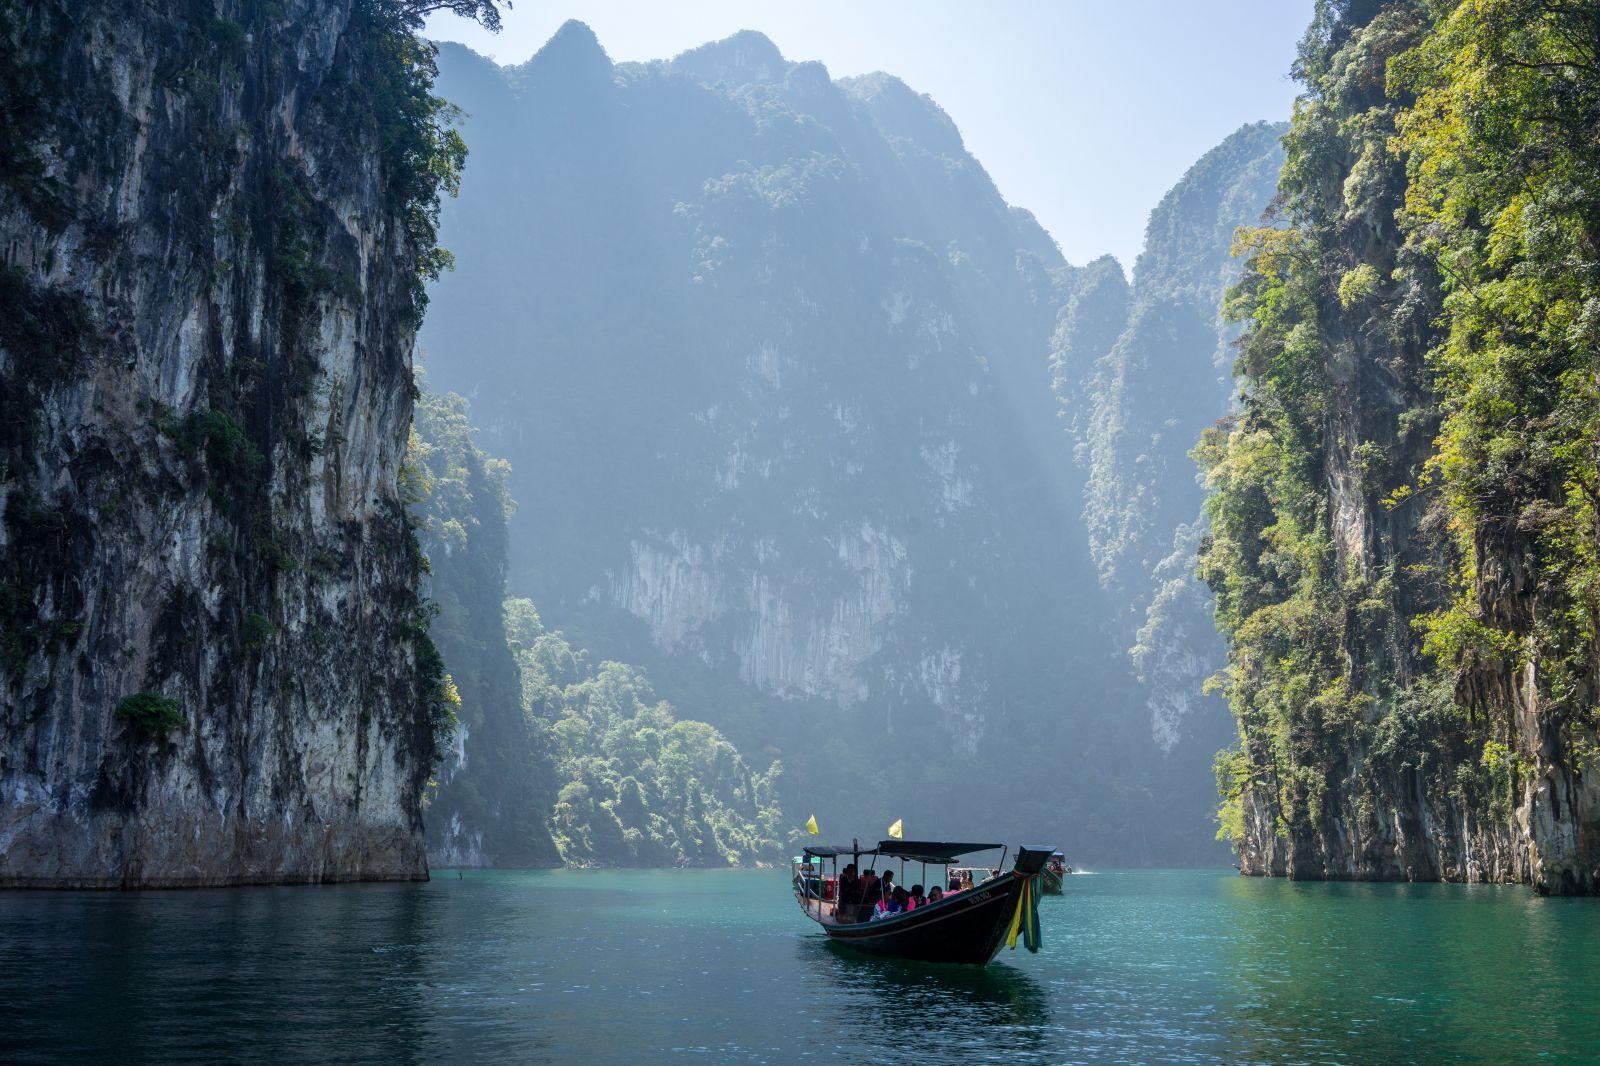 Thajsko chce platiť turistom, ktorí sa vyhnú mainstreamovým destináciam. Vláda má už plné zuby ľudí, ktorí chodia len do Phuketu